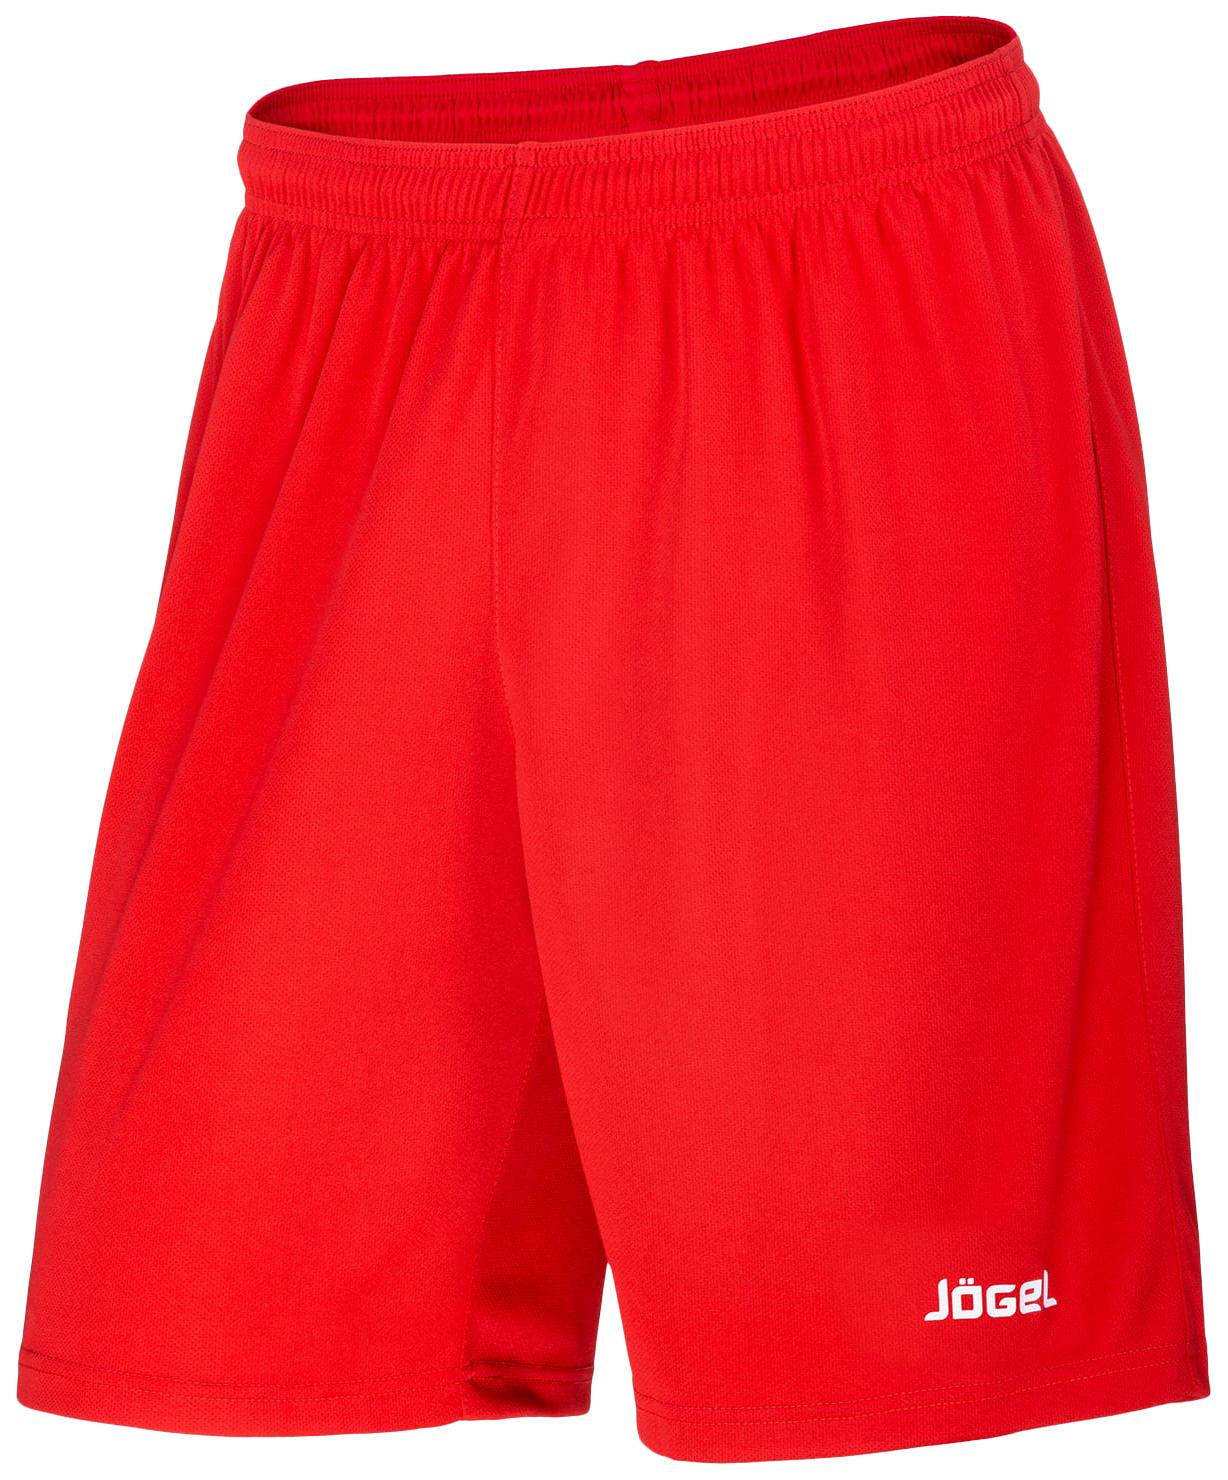 Шорты баскетбольные детские Jogel красные JBS 1120